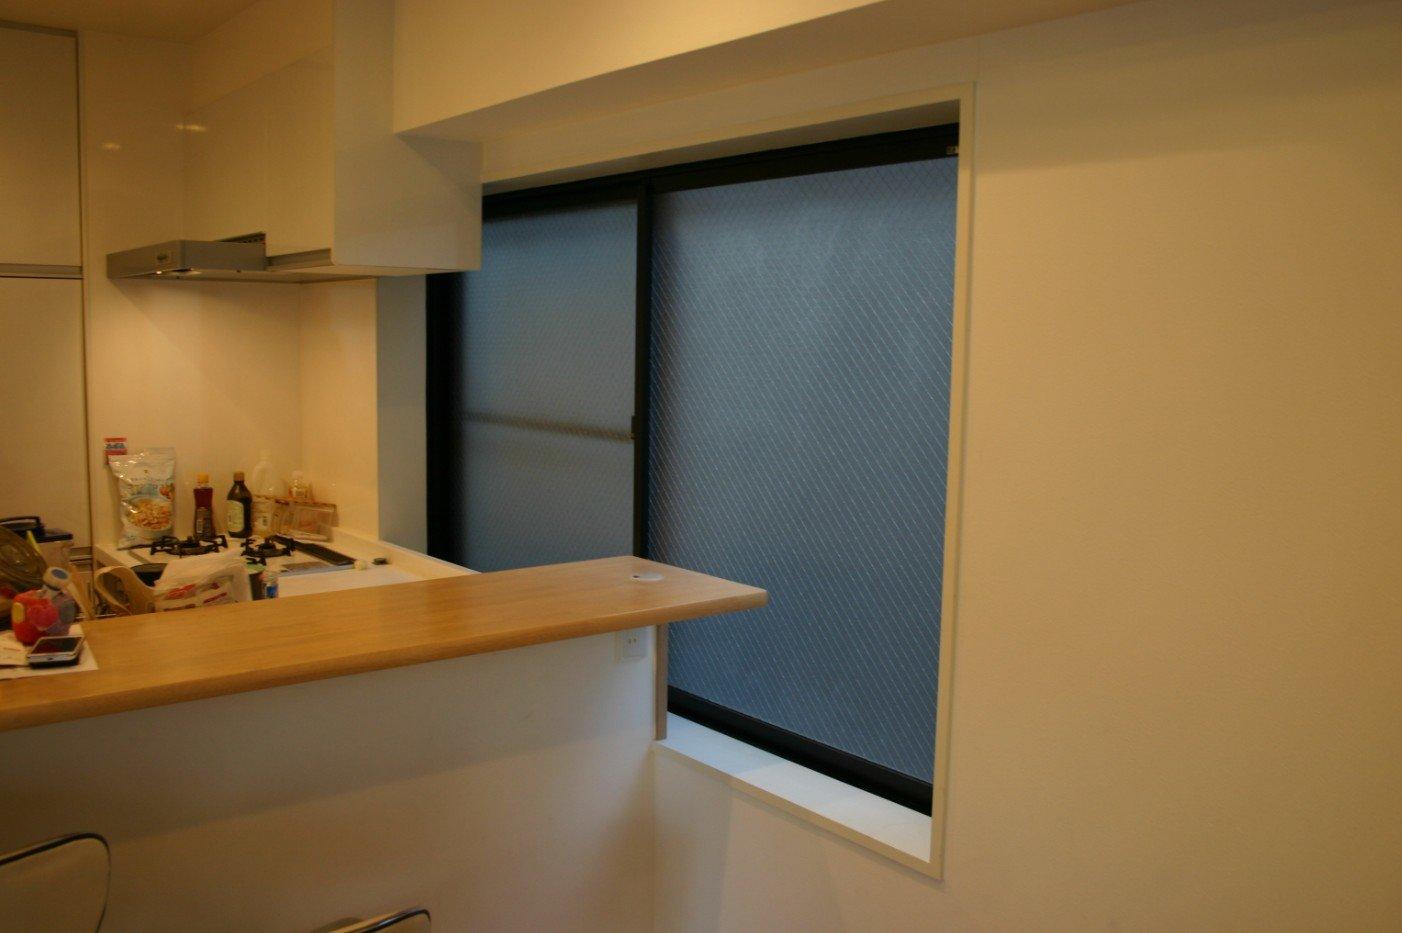 インプラスによる内窓 二重サッシの導入前